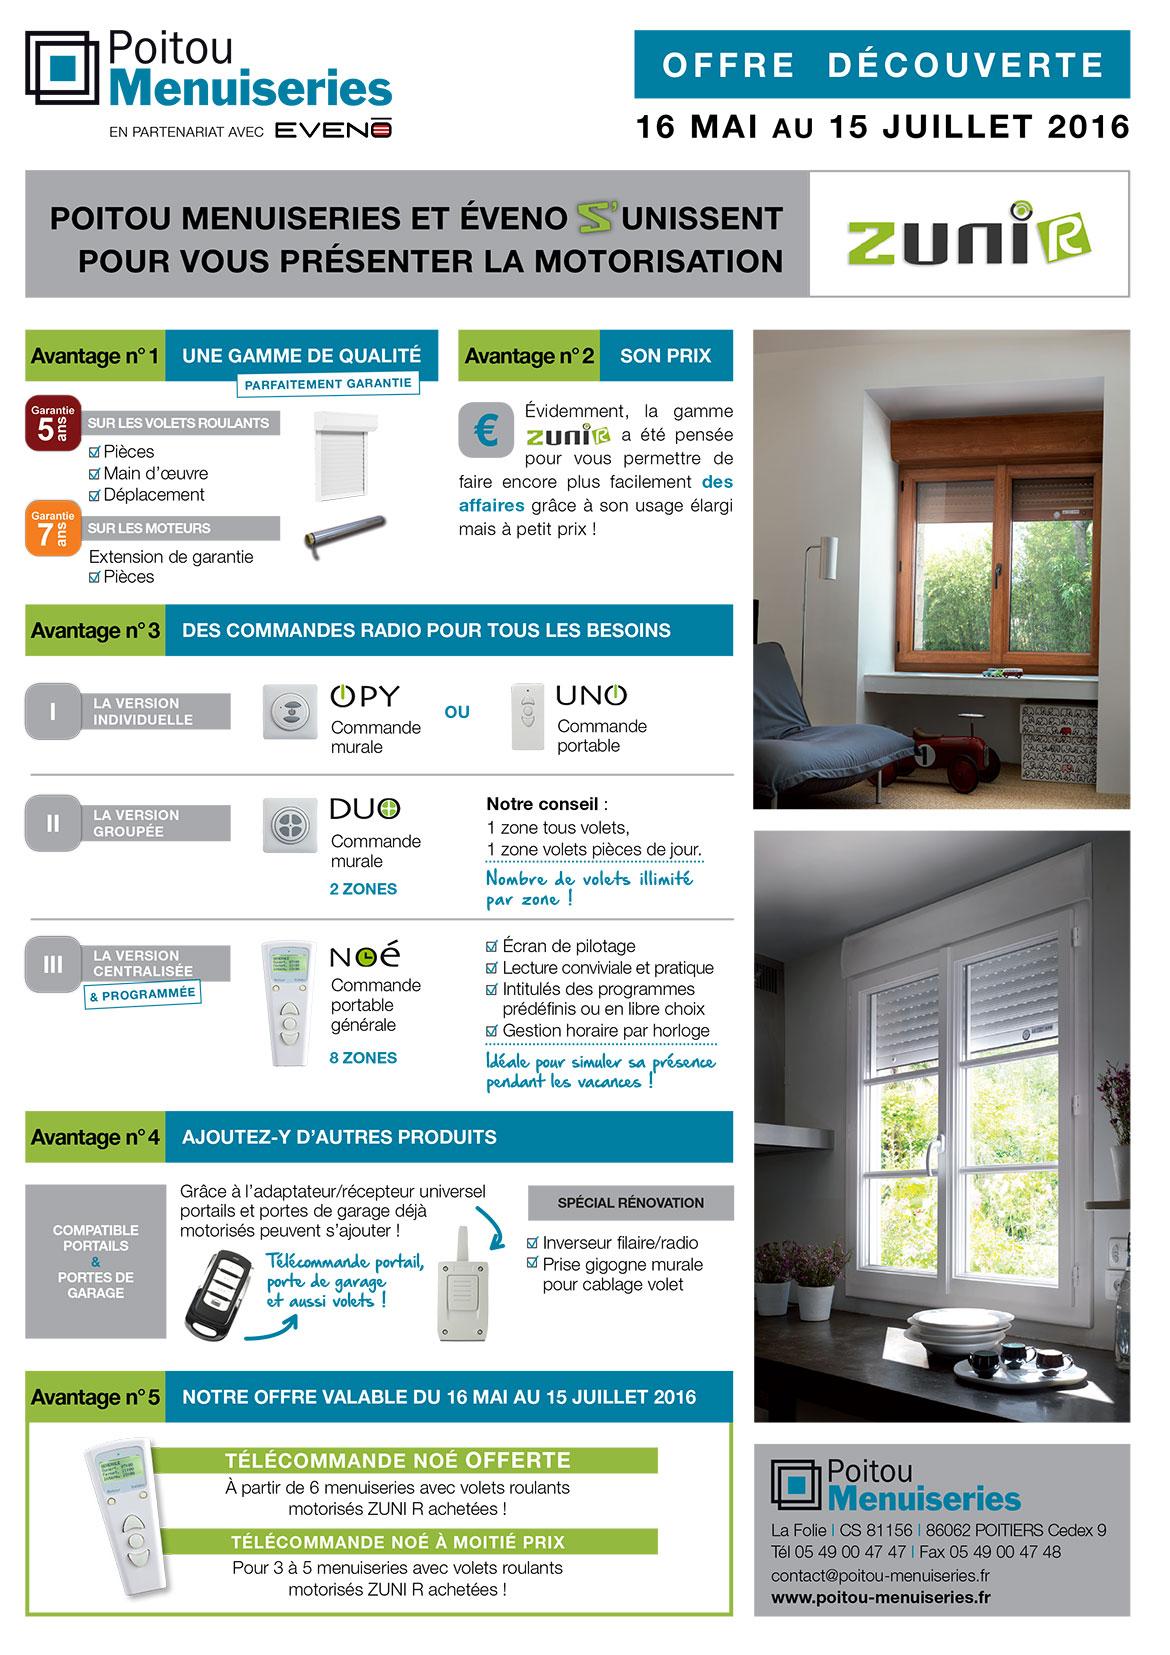 Poitou-Menuiseries---Fiche-offre-découverte---Opé-Zuni-R